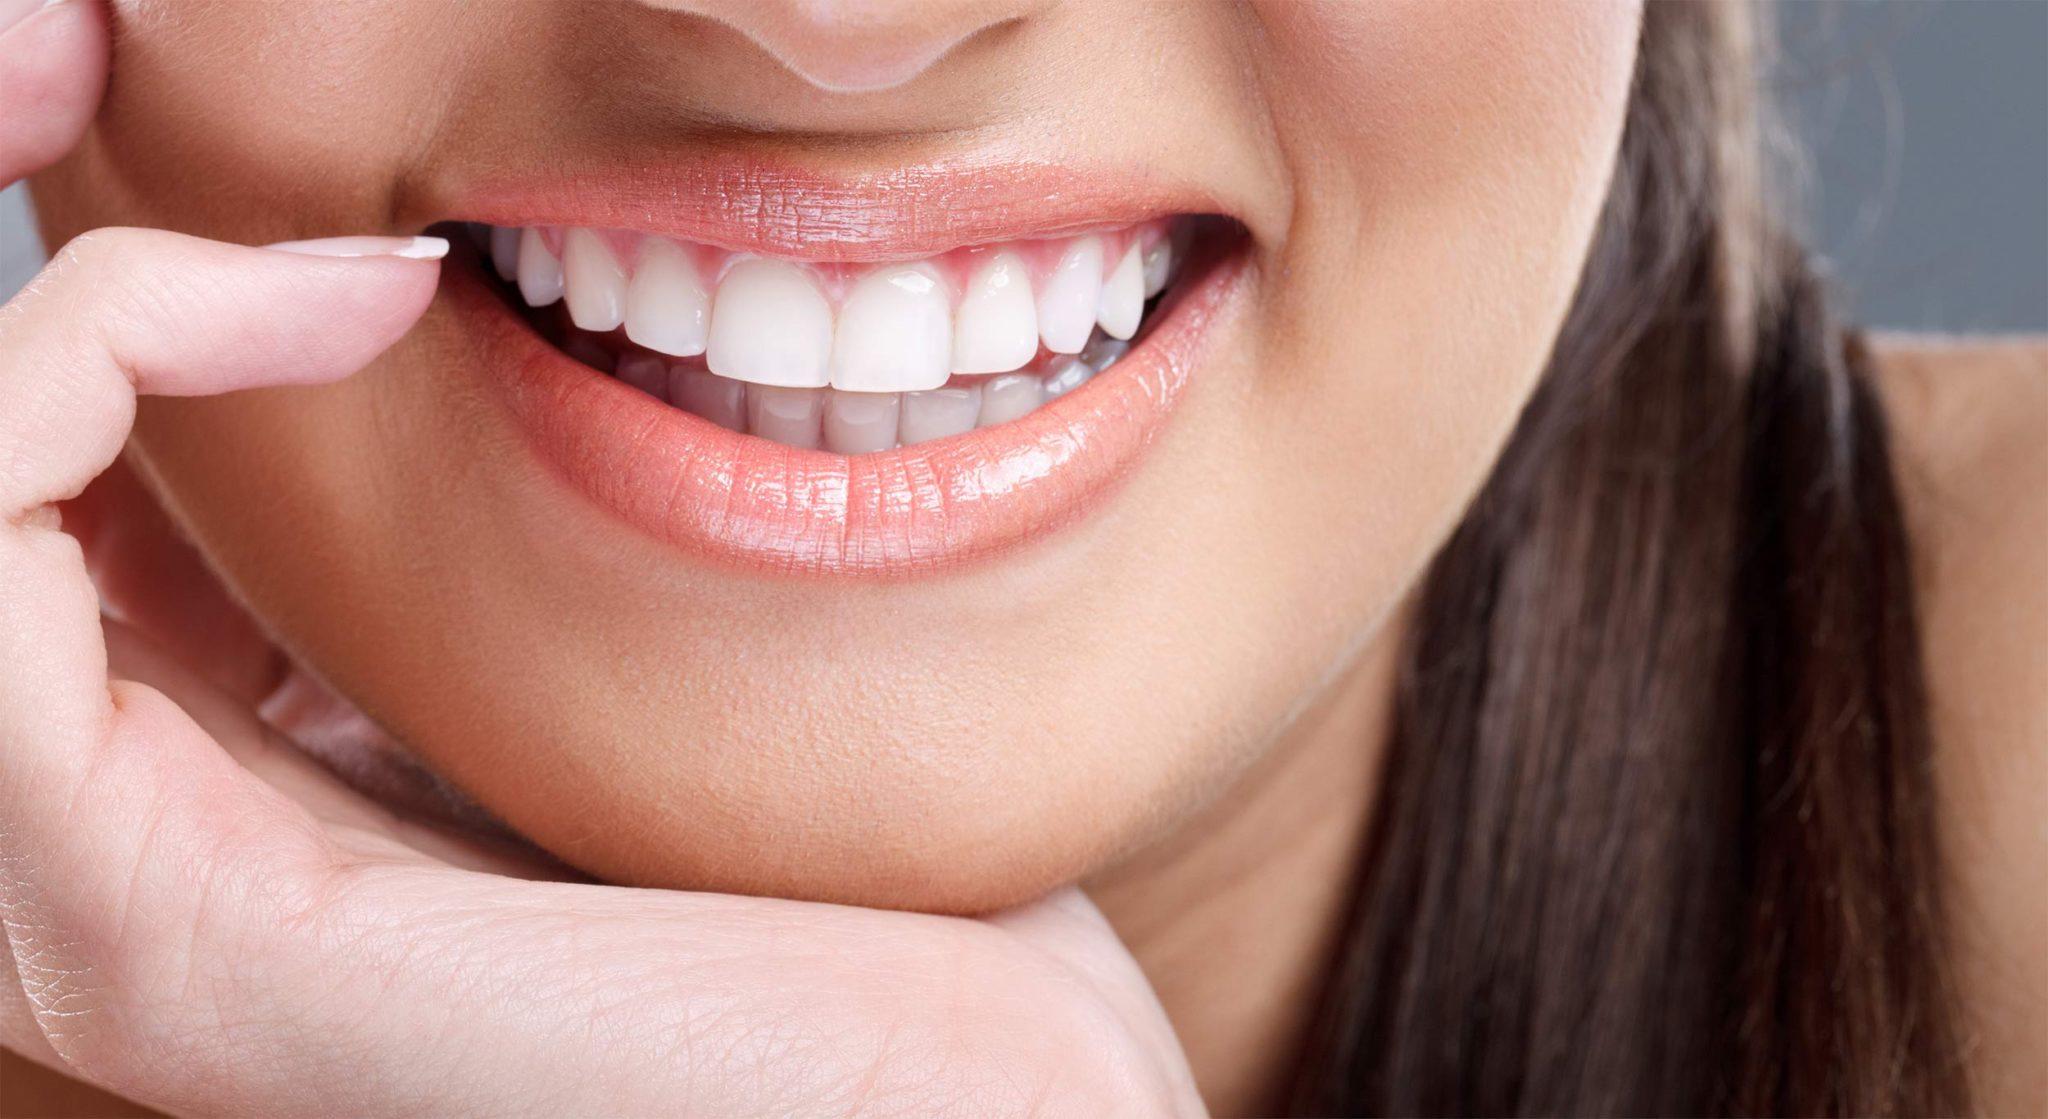 фото зубов с винирами